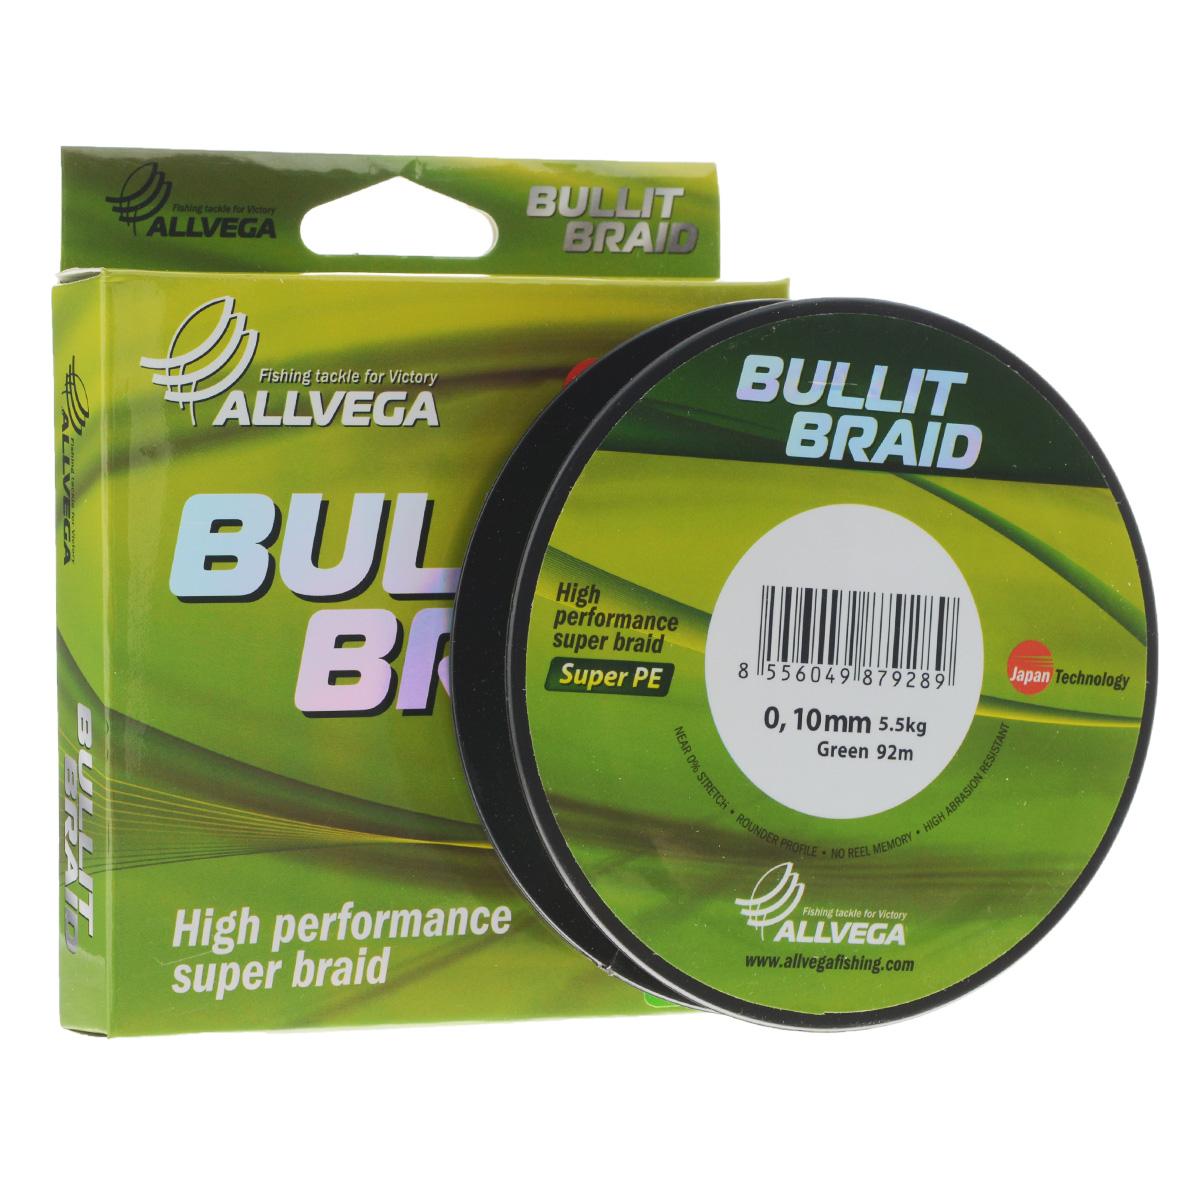 Леска плетеная Allvega Bullit Braid, цвет: темно-зеленый, 92 м, 0,10 мм, 5,5 кг1232682Леска Allvega Bullit Braid с гладкой поверхностью и одинаковым сечением по всей длине обладает высокой износостойкостью. Благодаря микроволокнам полиэтилена (Super PE) леска имеет очень плотное плетение и не впитывает воду. Леску Allvega Bullit Braid можно применять в любых типах водоемов. Особенности:- повышенная износостойкость;- высокая чувствительность - коэффициент растяжения близок к нулю;- отсутствует память;- идеально гладкая поверхность позволяет увеличить дальность забросов;- высокая прочность шнура на узлах.